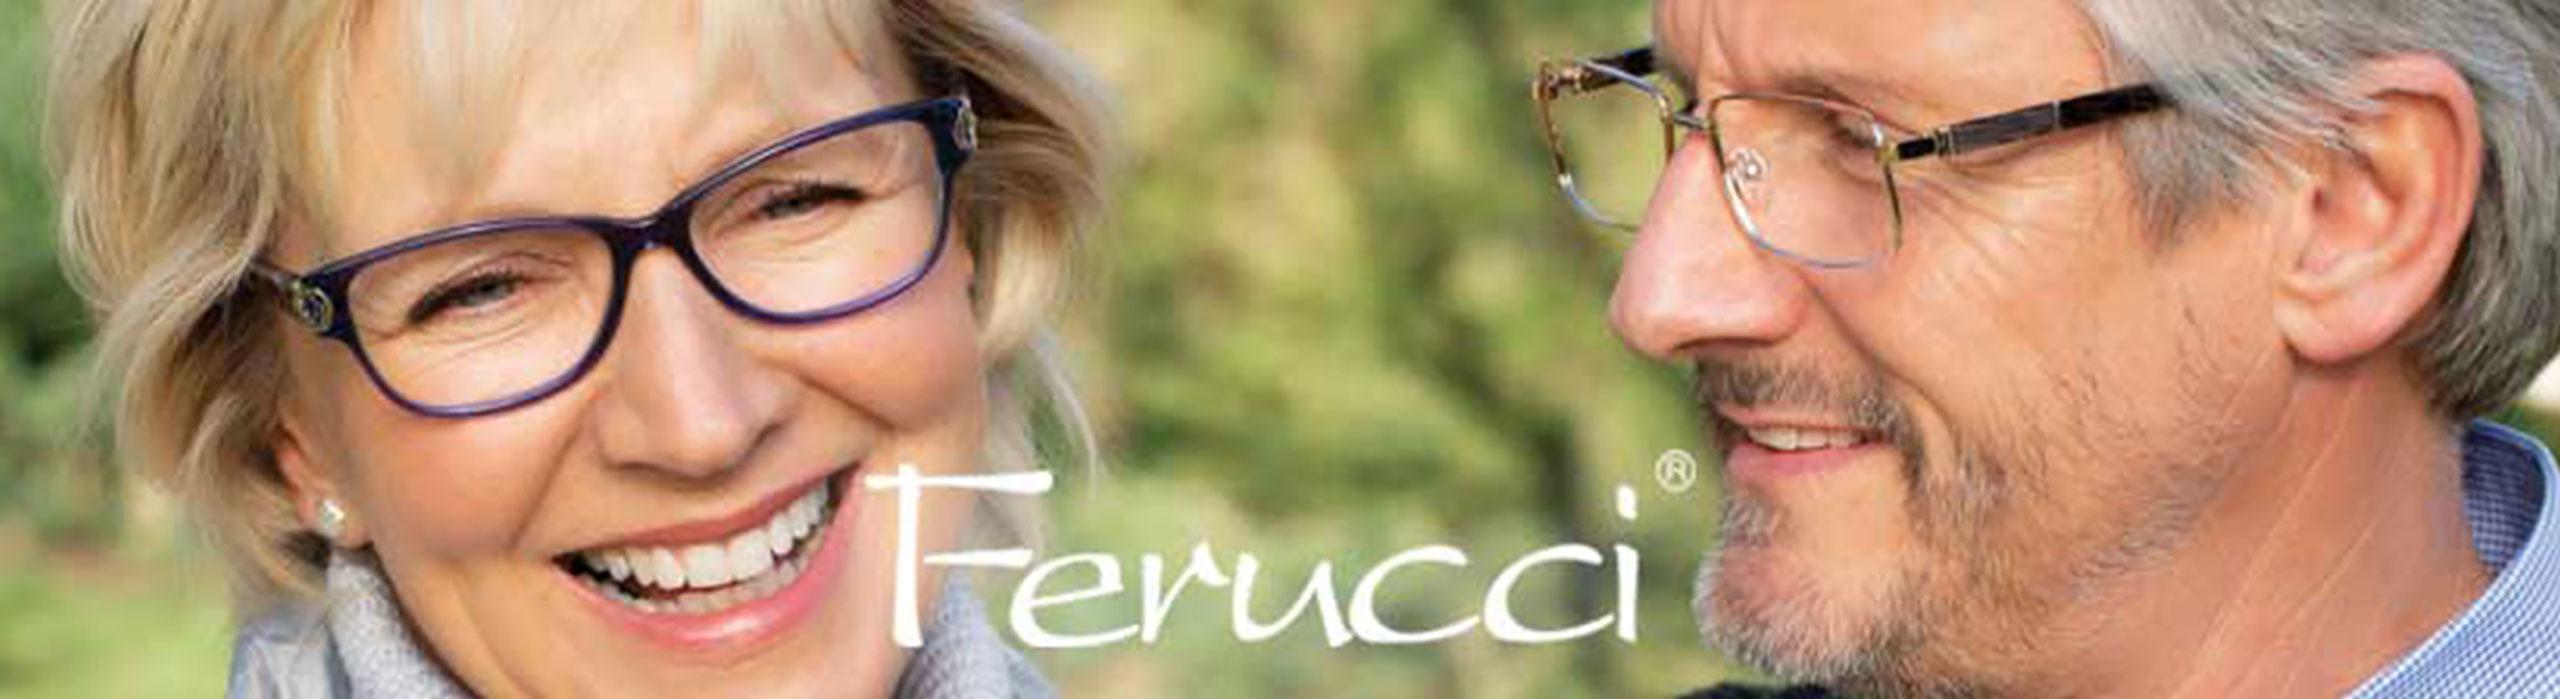 Ferucci Eyewear